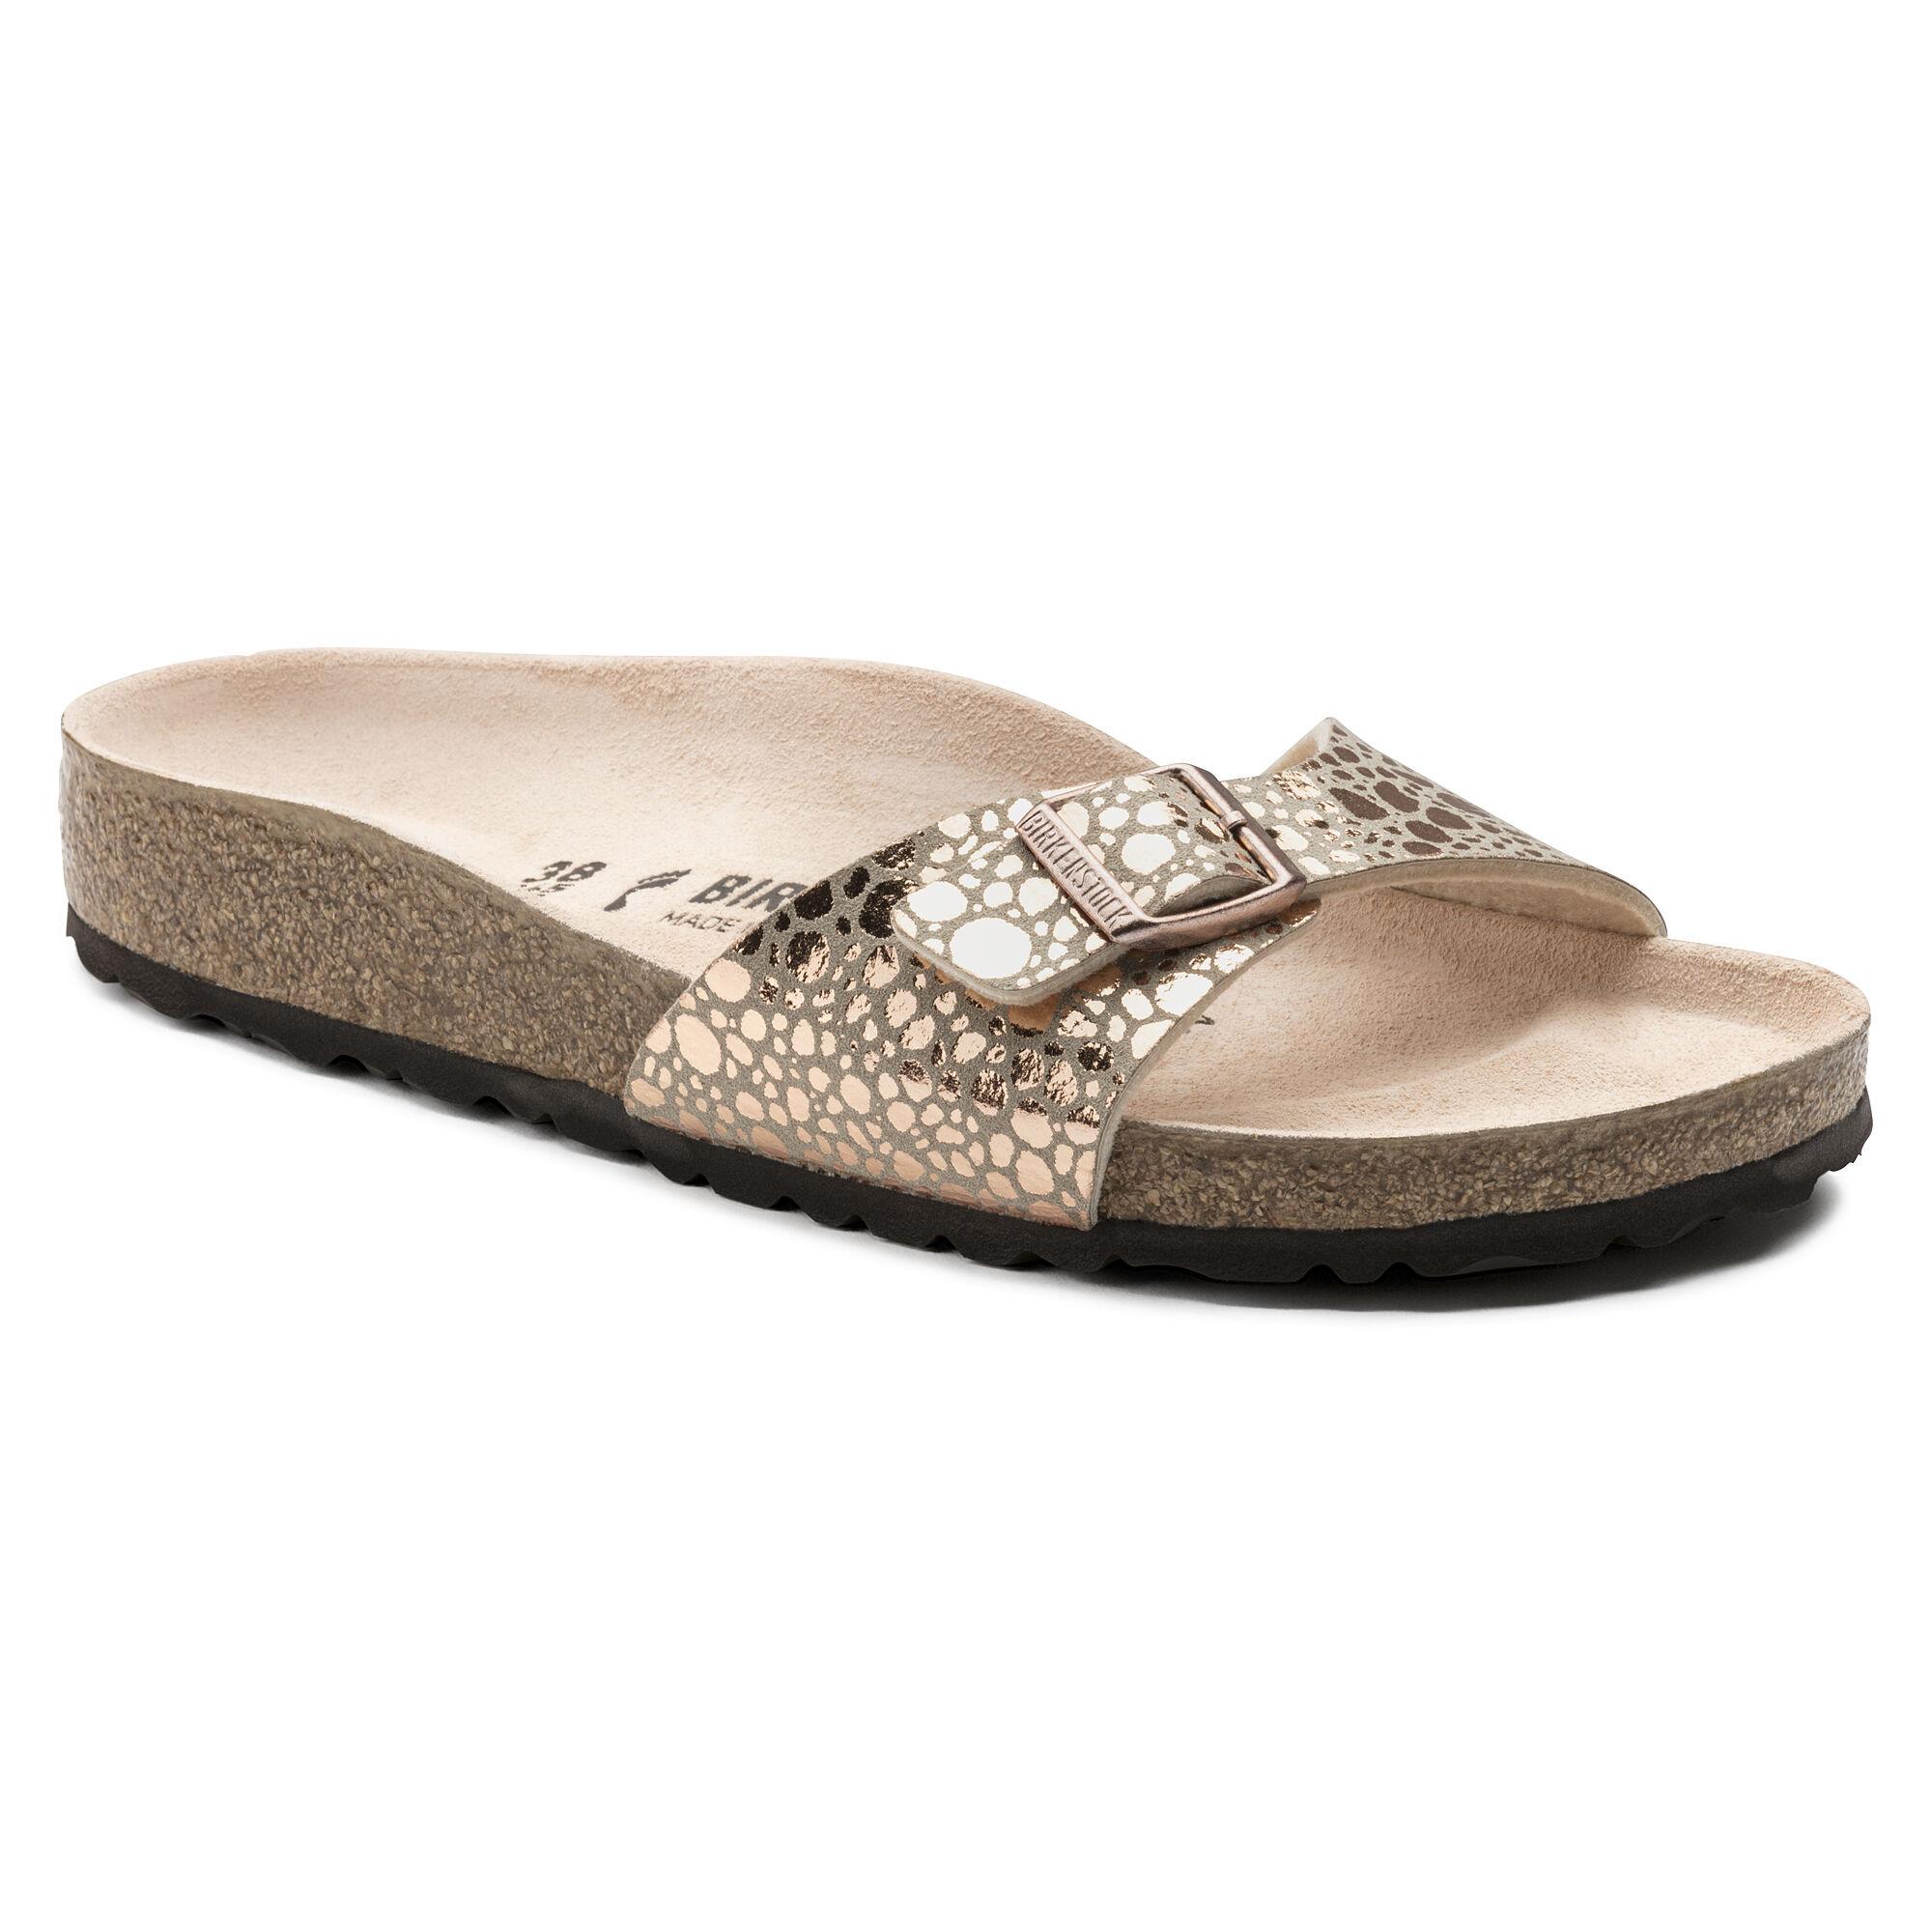 Marques Chaussure femme Birkenstock femme Arizona W Metallic Stones Copper f75db25b359